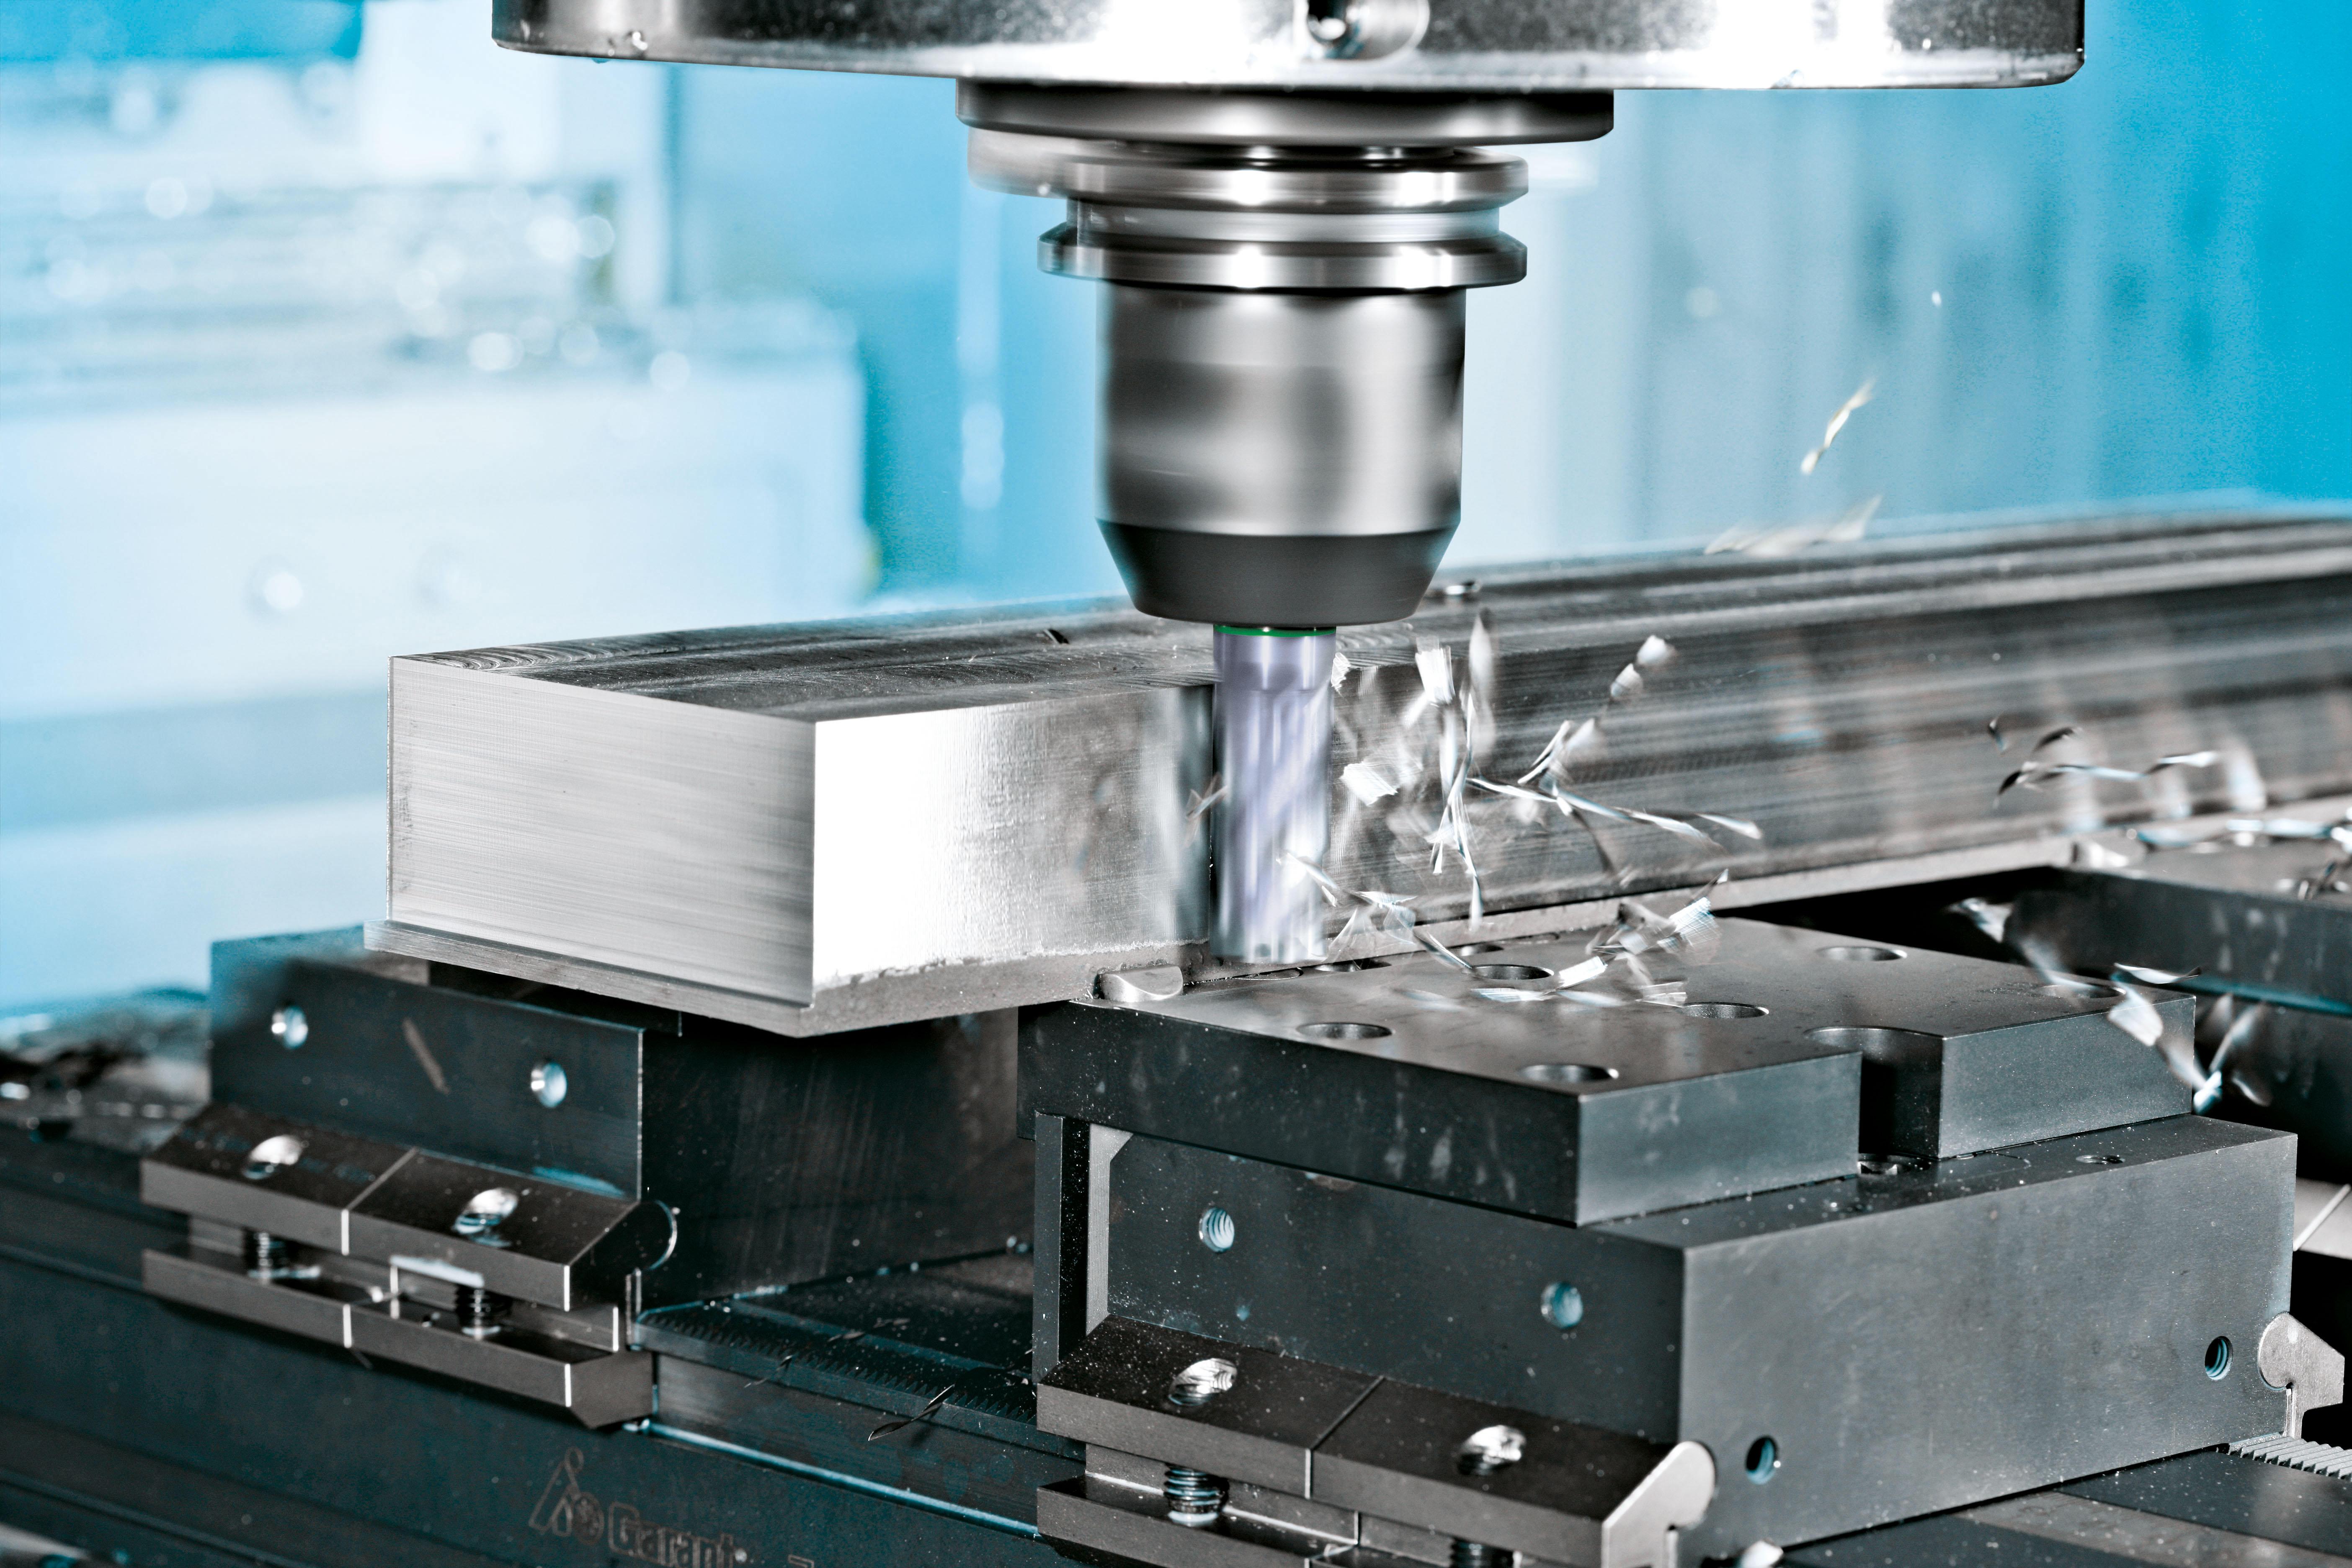 Gödde GmbH | Werkzeuge in höchster Qualität - Systemlieferant